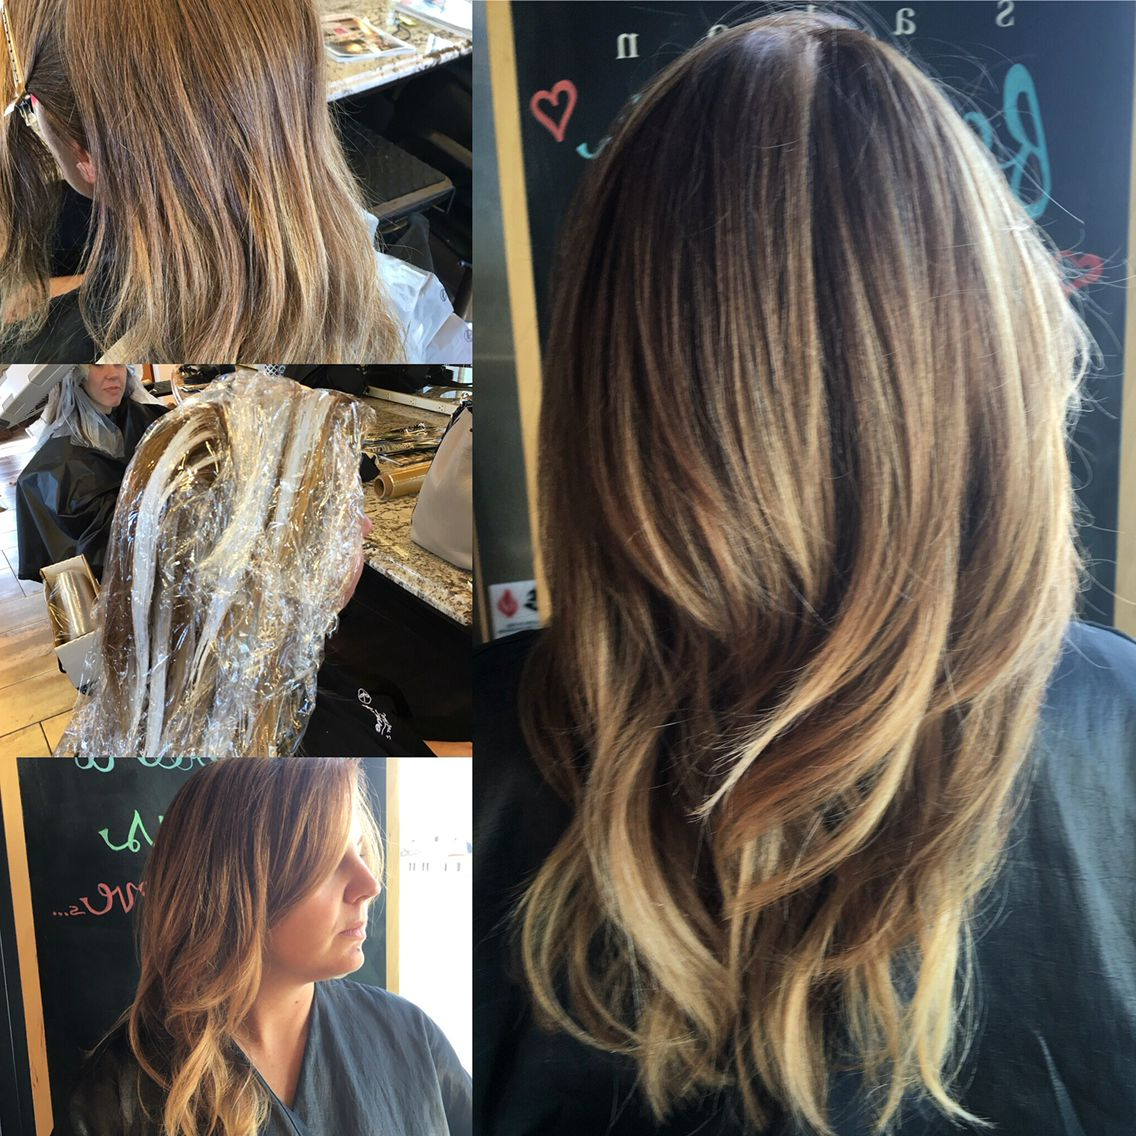 Strawberry Blonde Balayage | Blonde Balayage, Strawberry For Strawberry Blonde Balayage Hairstyles (View 14 of 20)